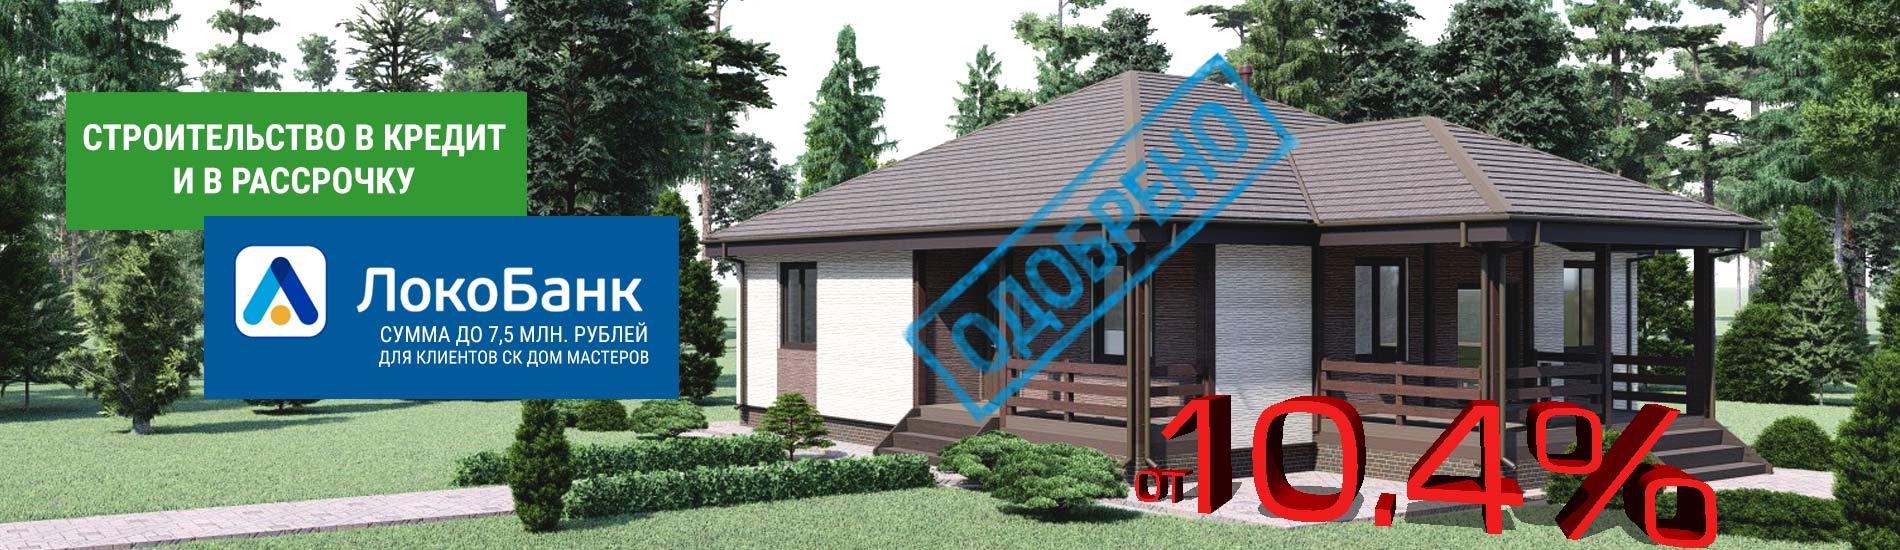 Изображение с информацией о Строительстве в кредит и изображение дома